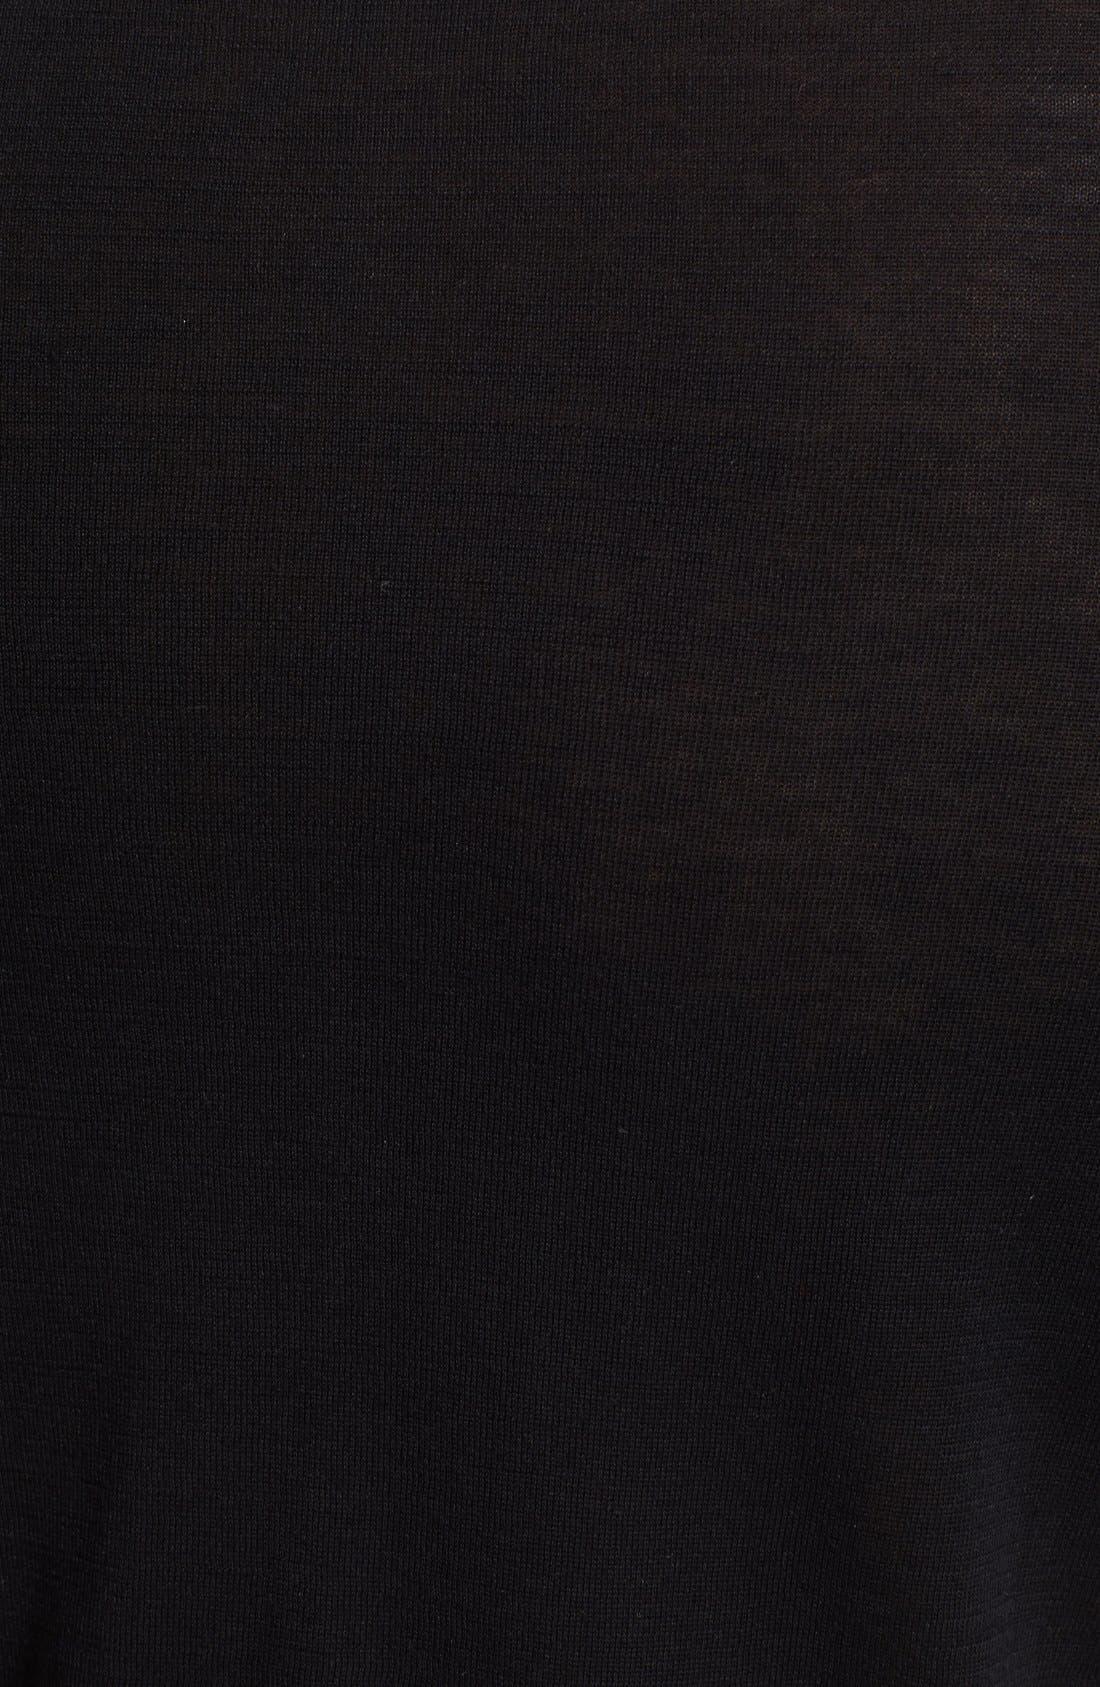 Alternate Image 3  - Armani Collezioni Textured Knit Polo